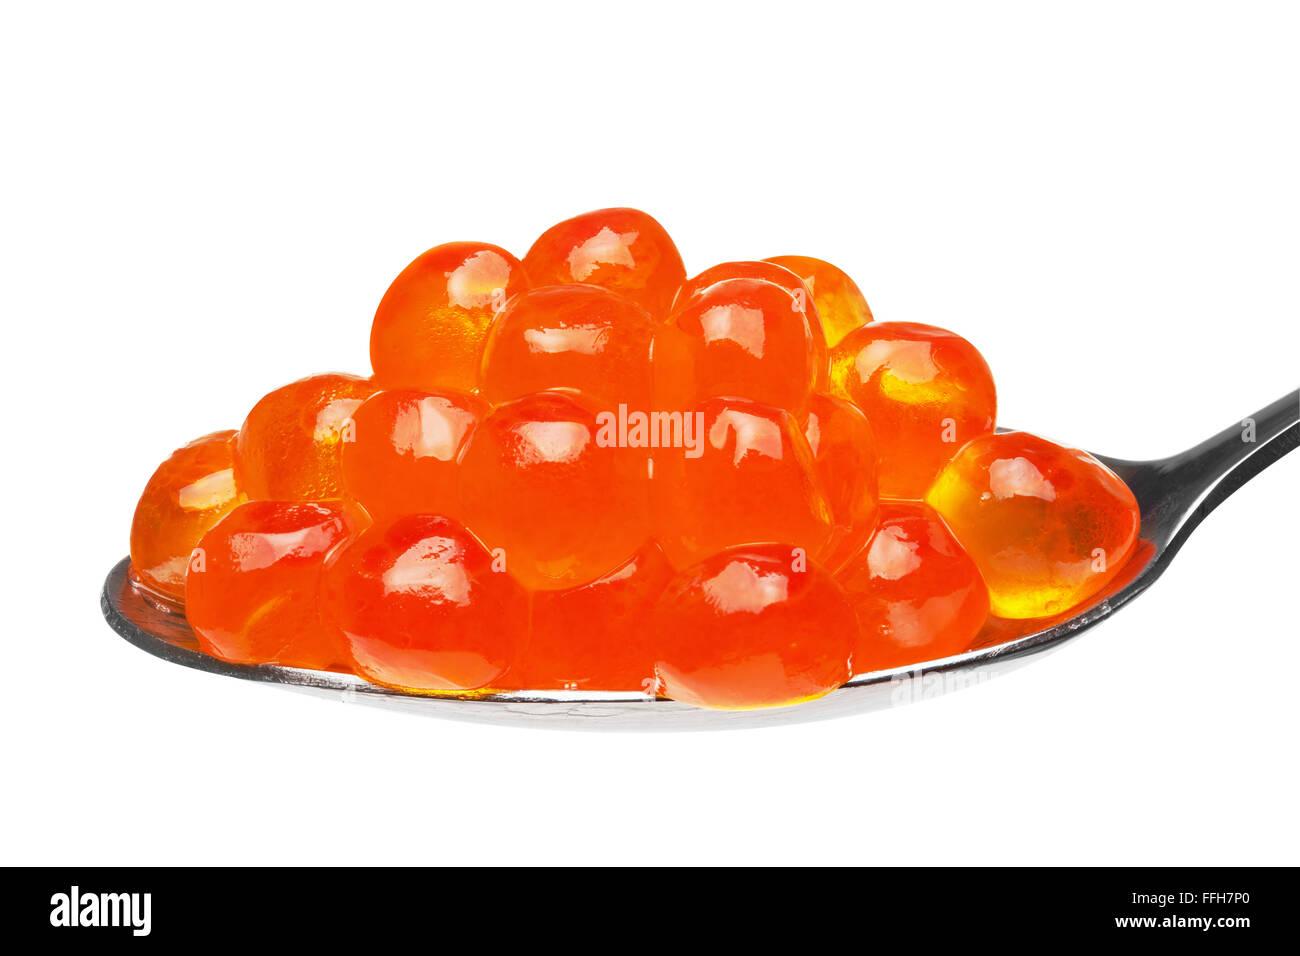 Nahaufnahme von roten Kaviar in einem Teelöffel, isoliert auf weißem Hintergrund, Clipping-Pfad enthalten. Stockbild